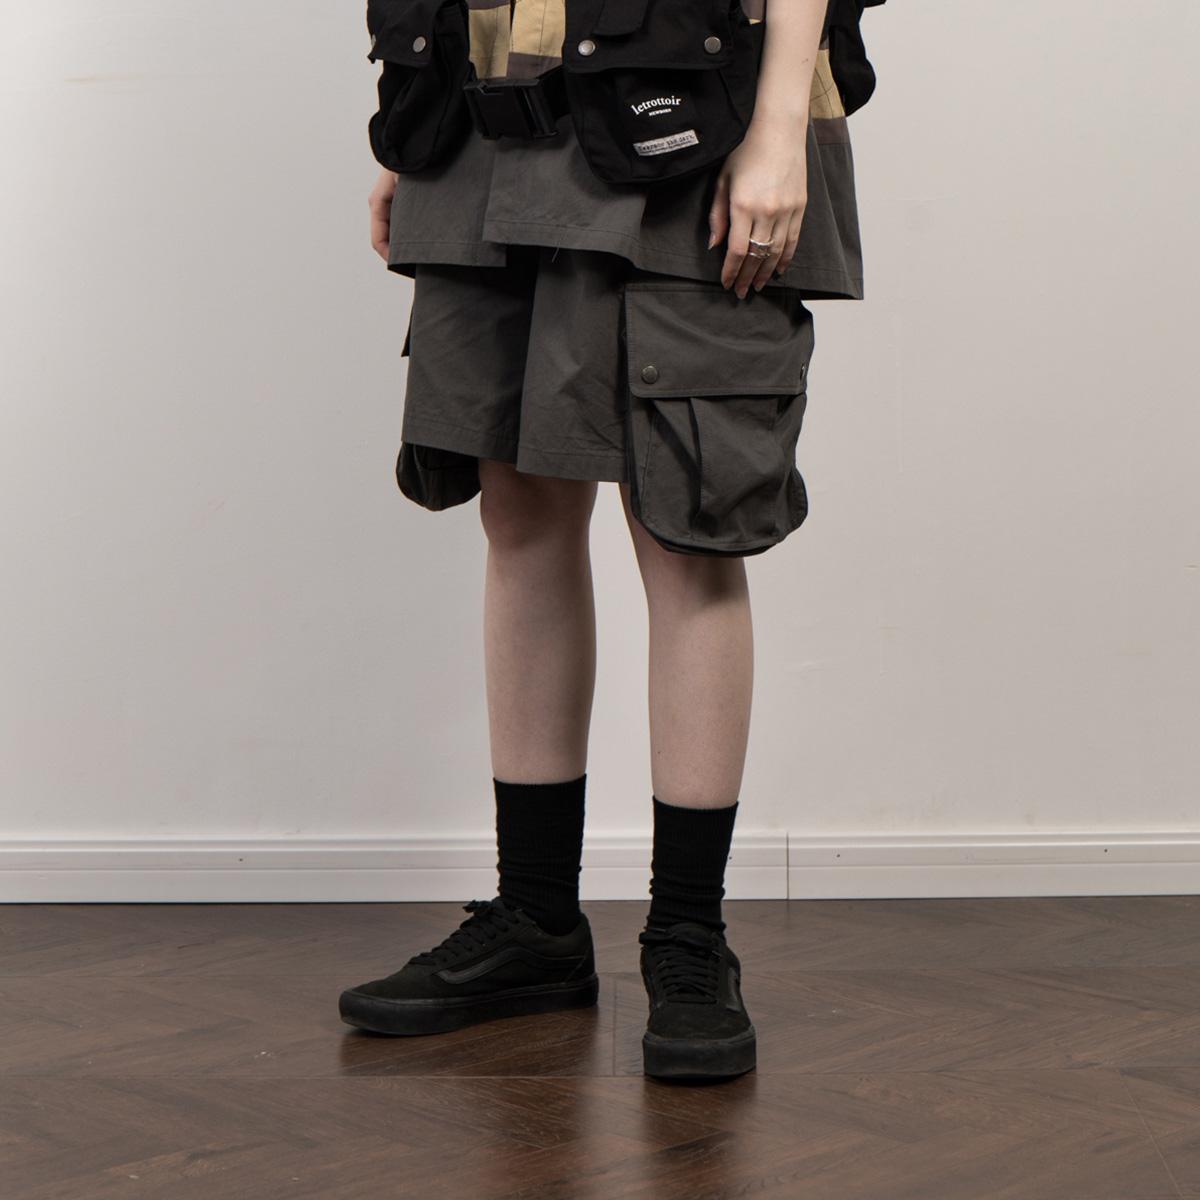 LETROTTOIR夏季潮流立体口袋中裤休闲薄款直筒宽松五分工装短裤男